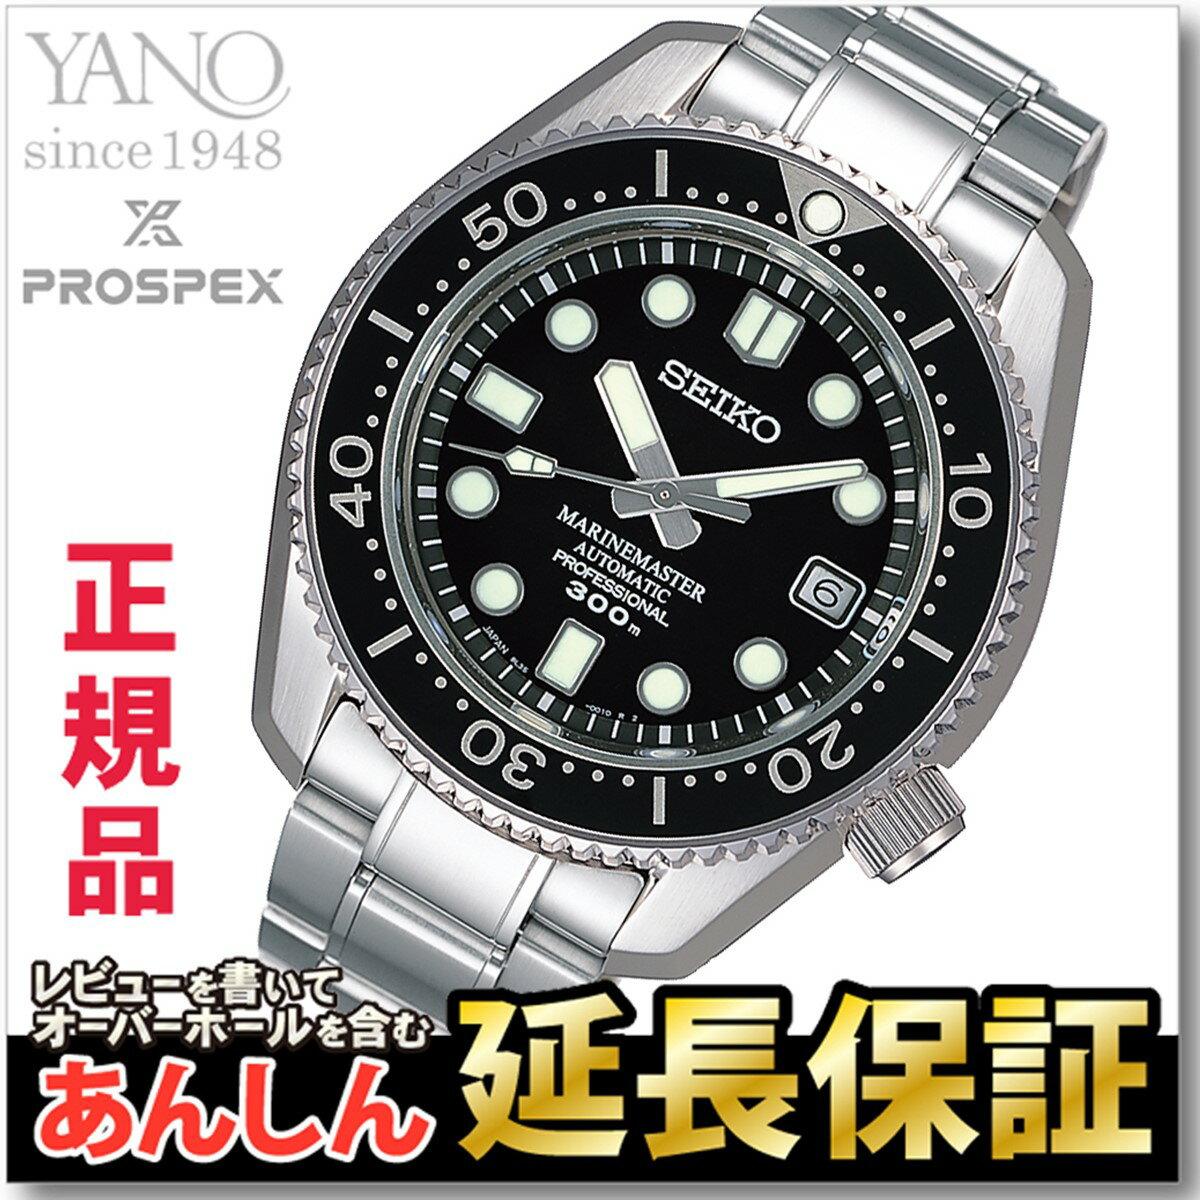 セイコー プロスペックス SEIKO PROSPEX マリーンマスター ダイバーズウォッチ 自動巻き メカニカル 腕時計 メンズ SBDX017【正規品】【2015】【ラッピング無料】_10spl